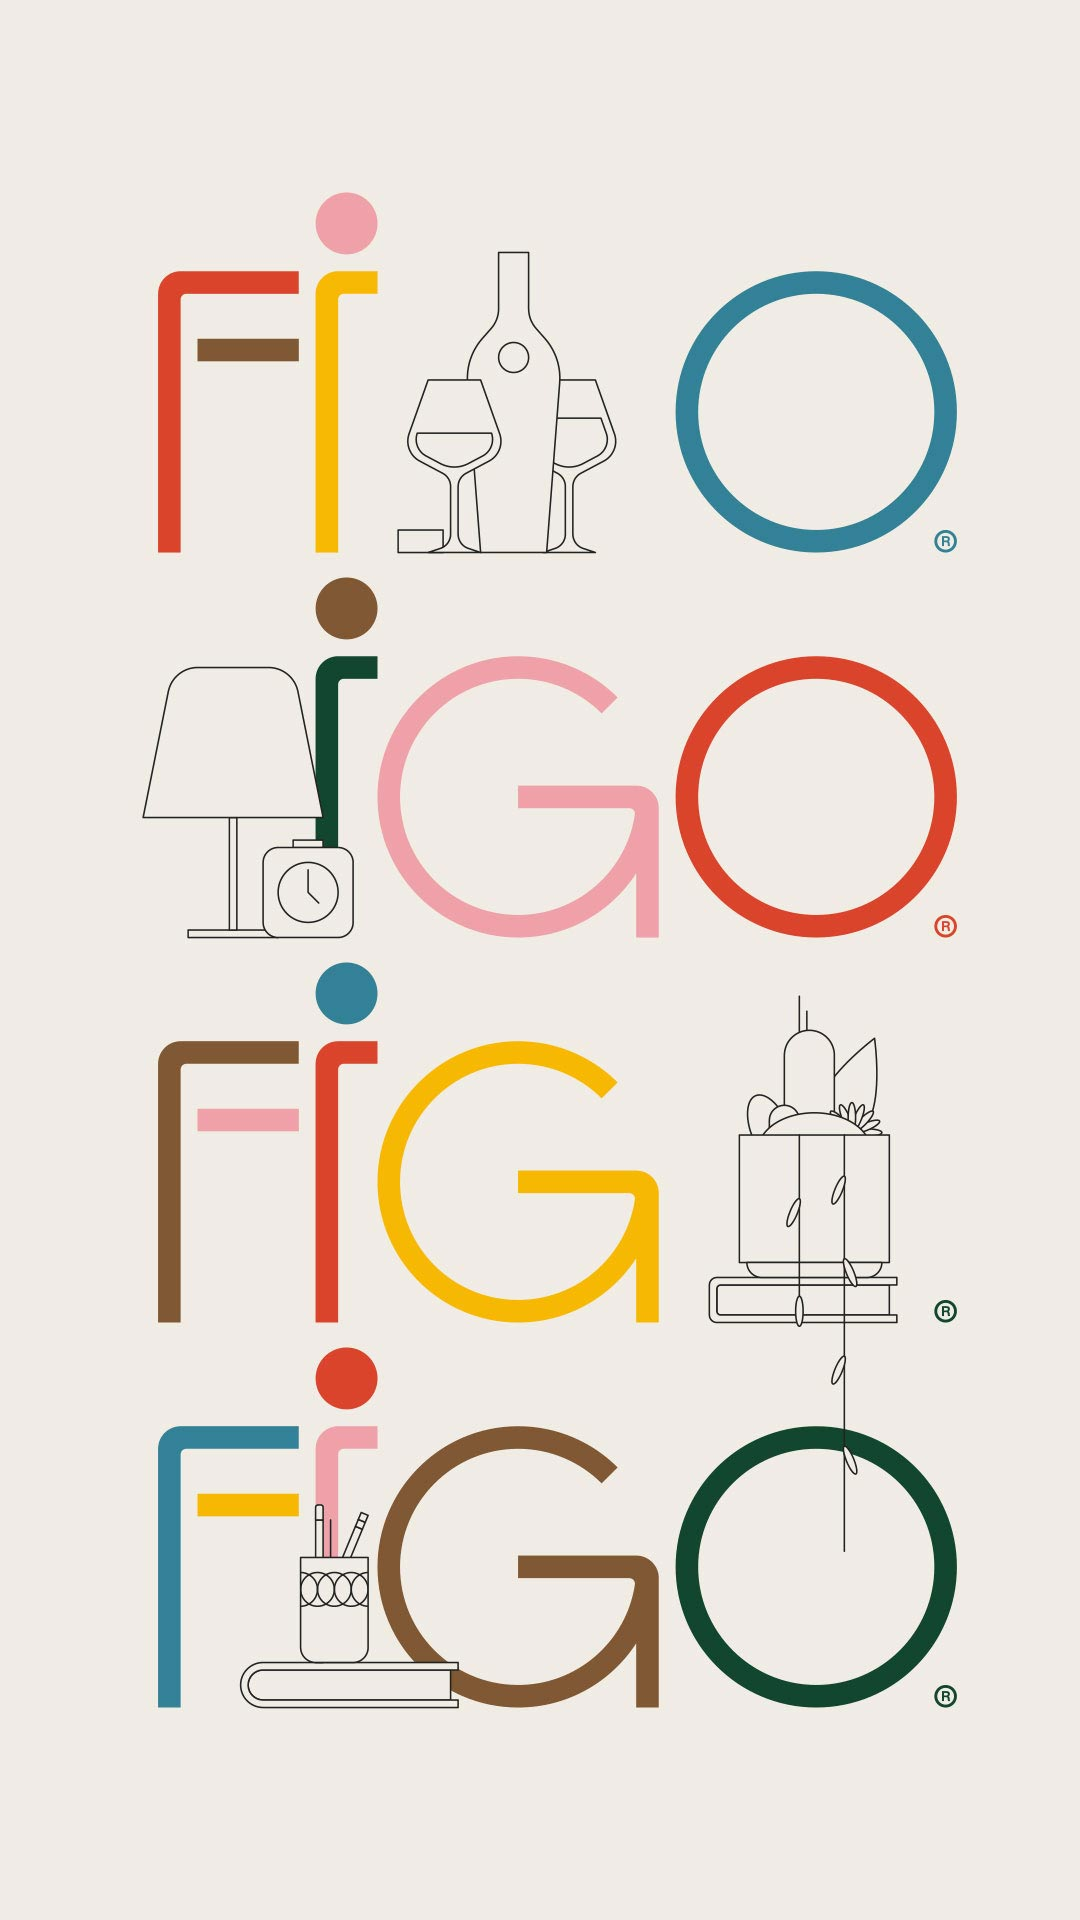 FIGO_26